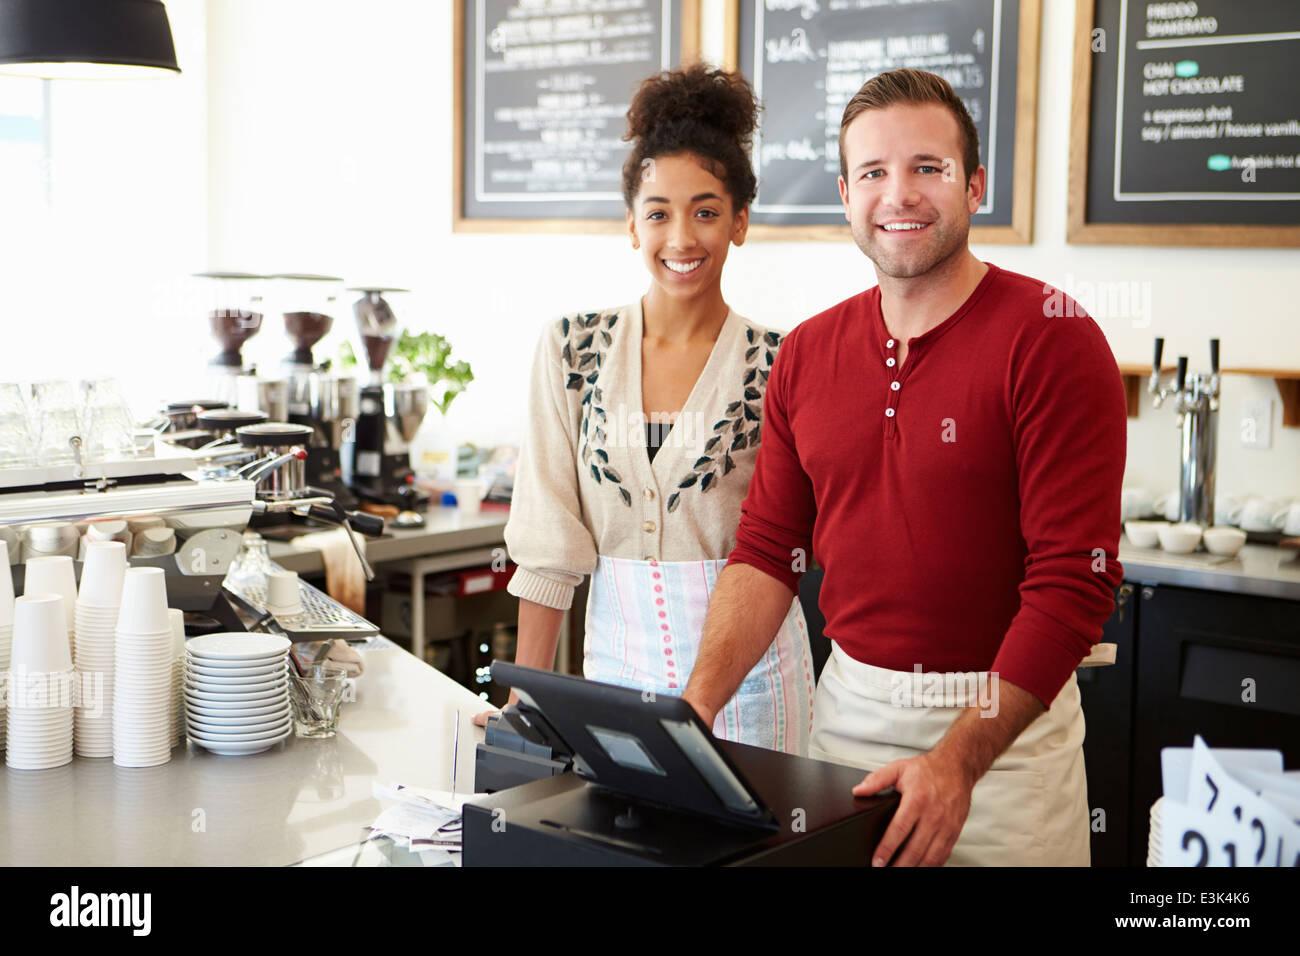 Männliche und weibliche Mitarbeiter im Coffee-Shop Stockbild